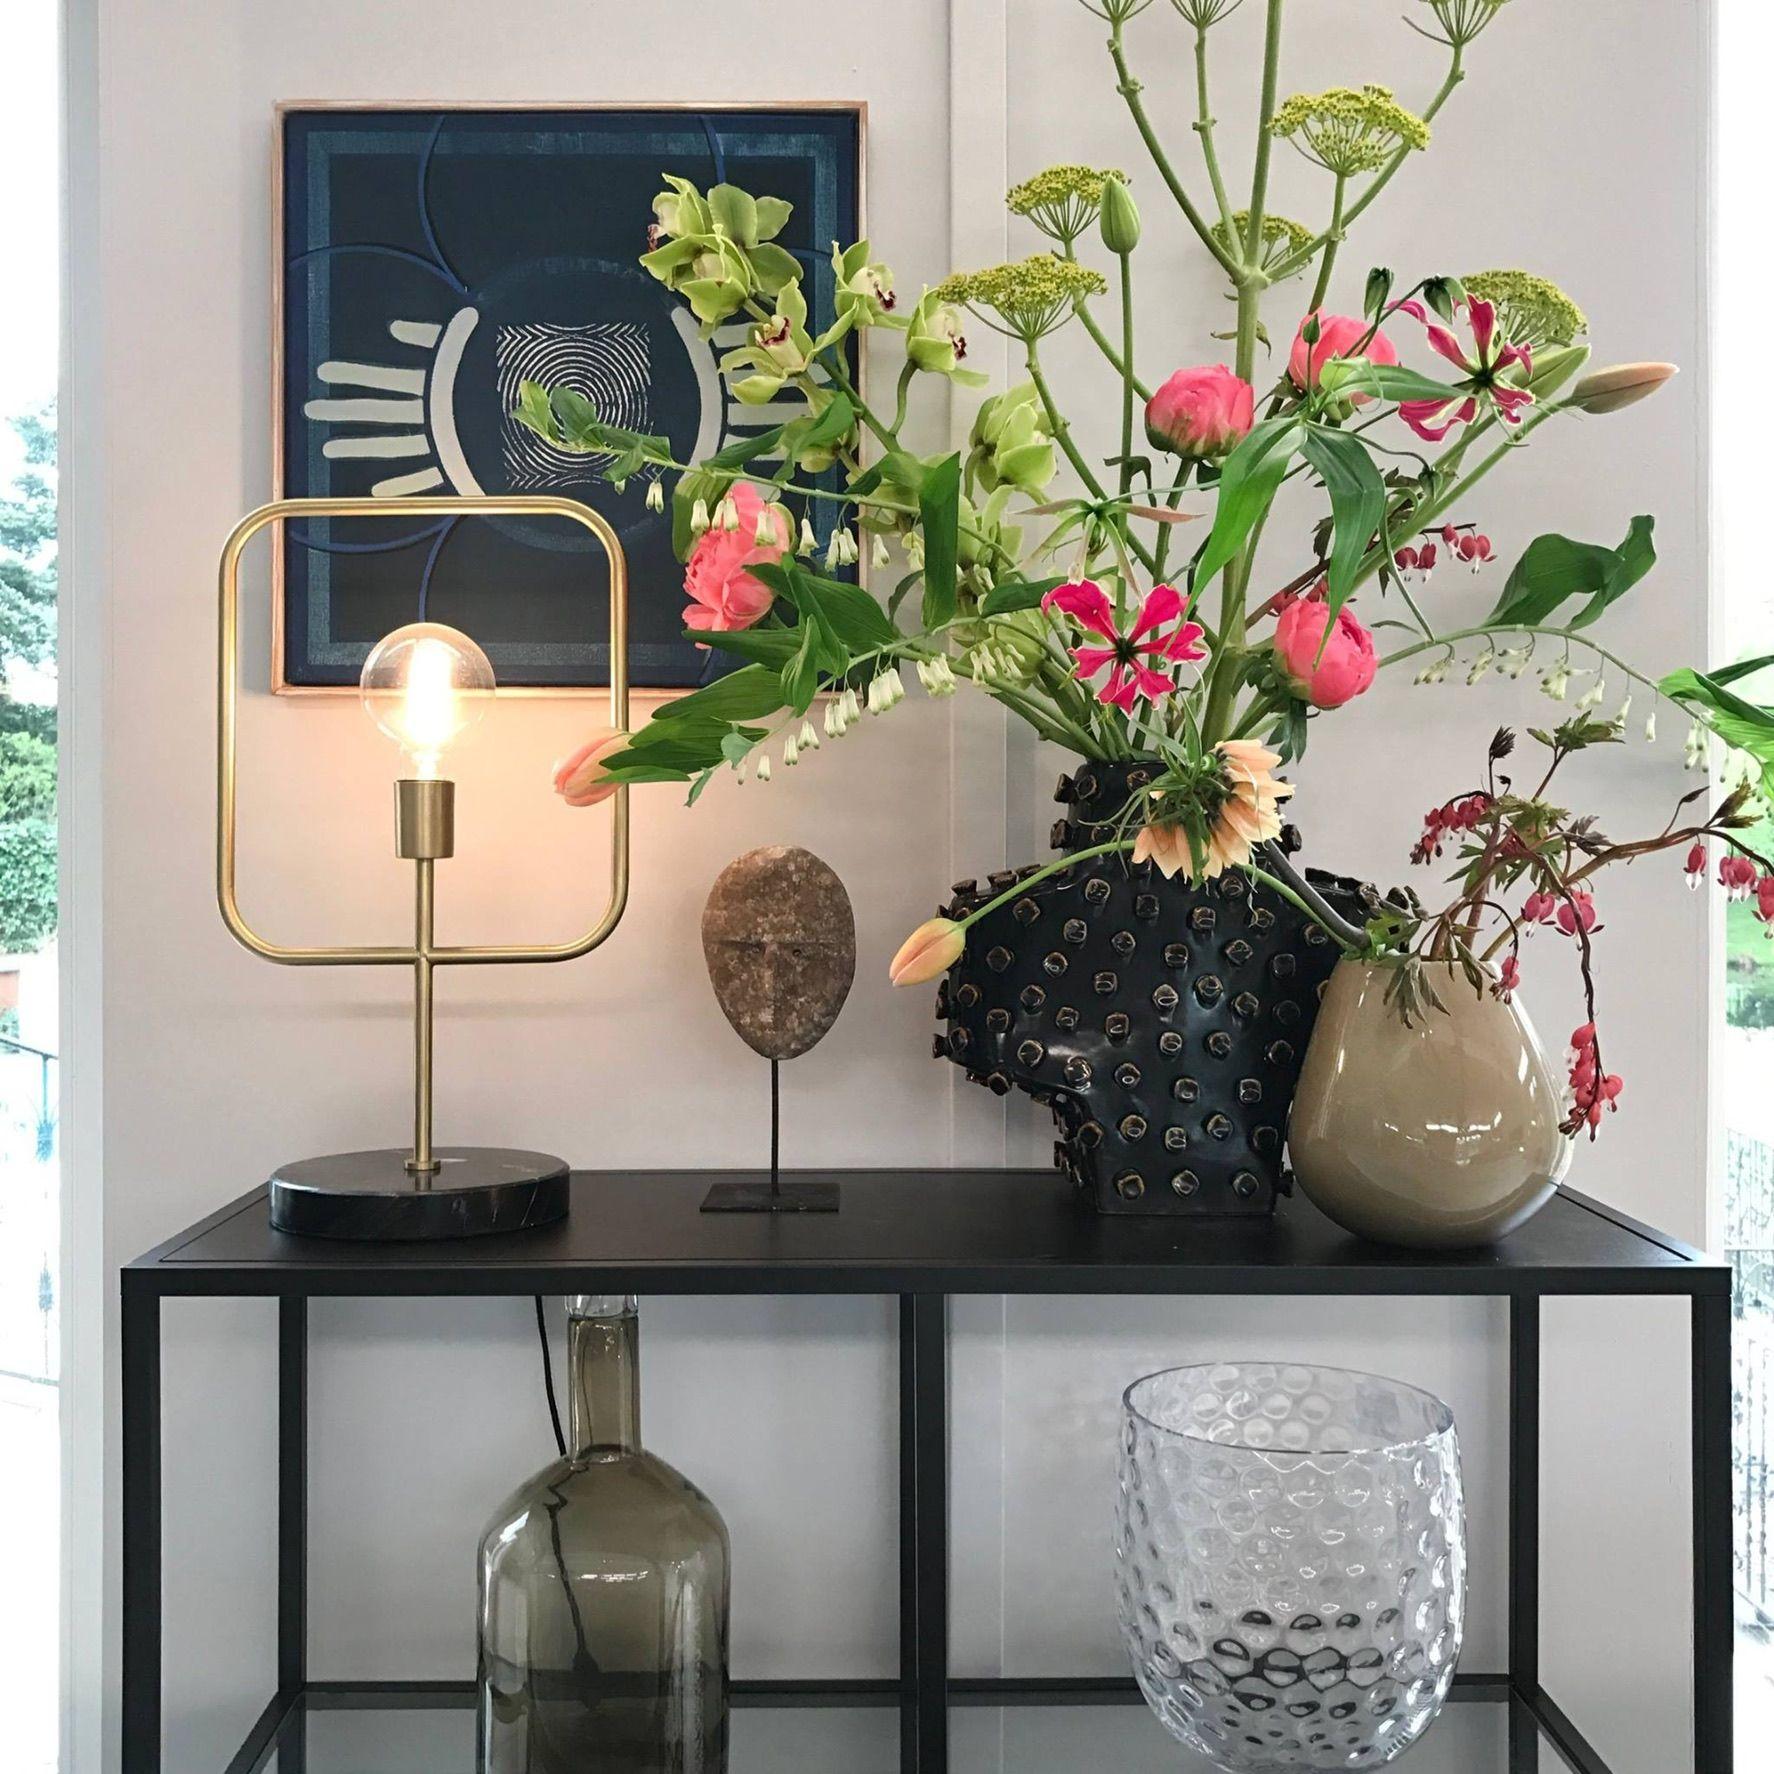 Koffietijd interieur | design | Pinterest | Interiors